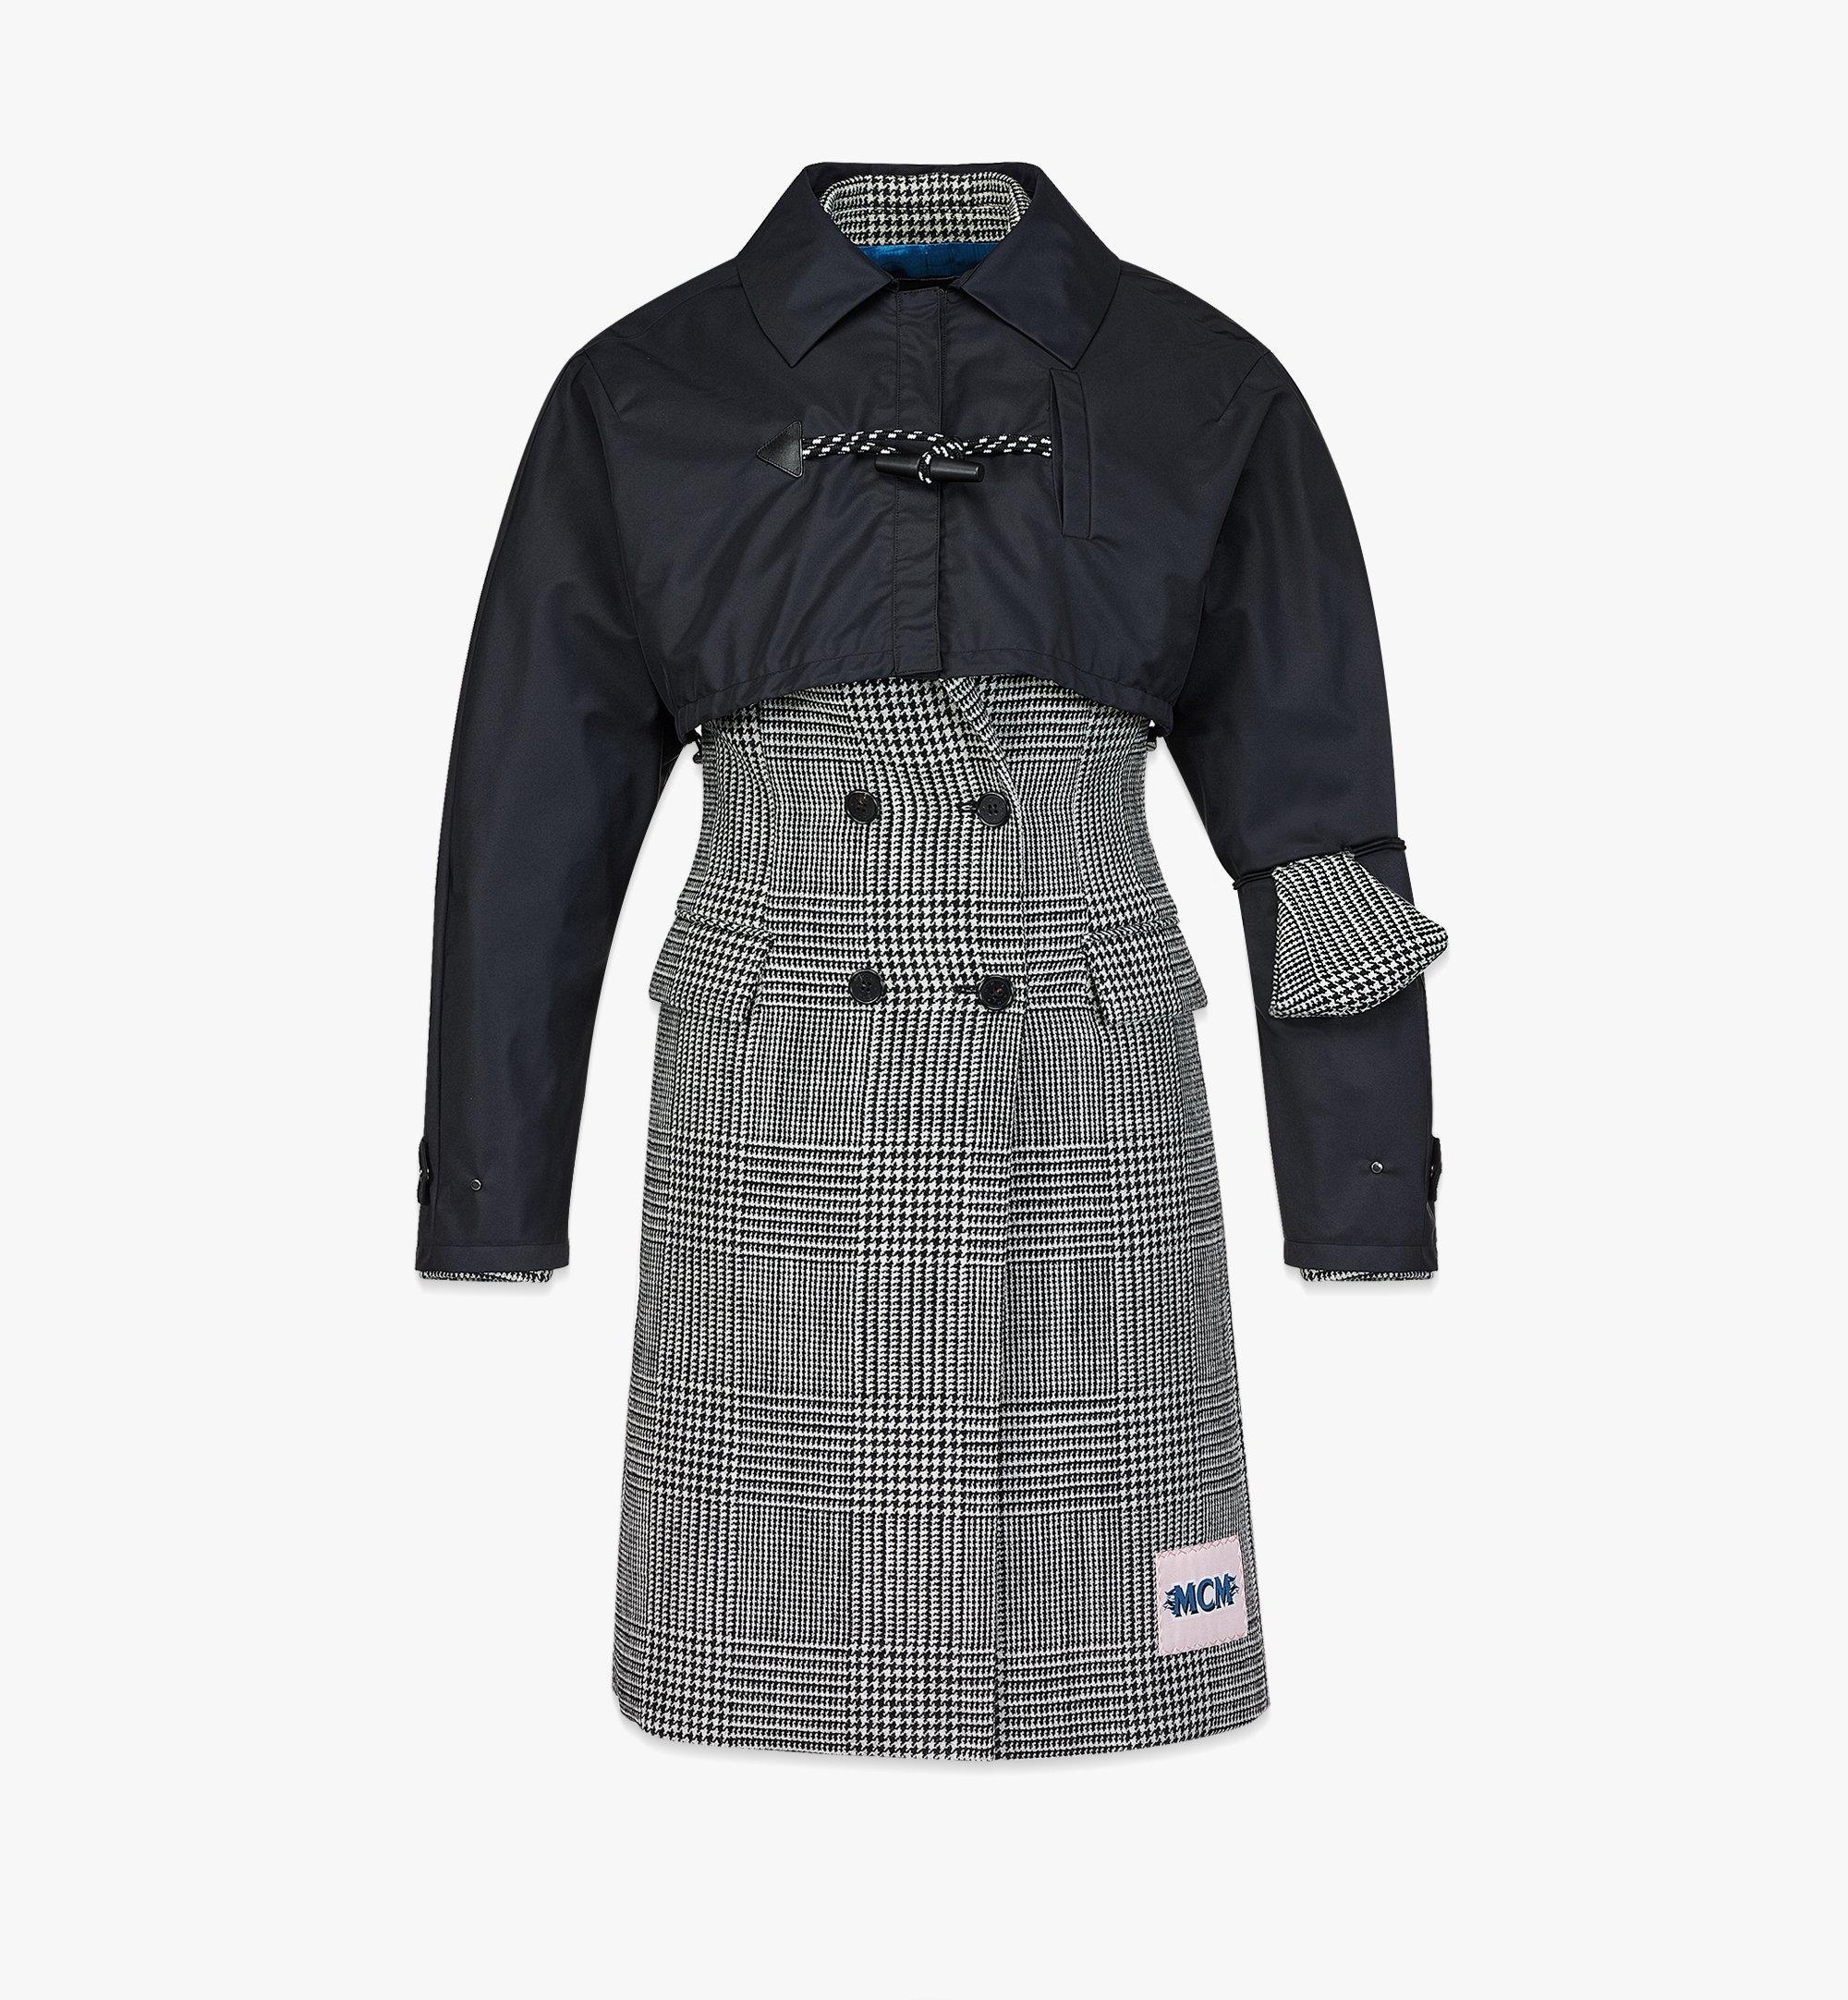 MCM Manteau en laine à carreaux avec empiècement en nylon pour femme Black MFCBAMM01BK040 Plus de photos 1